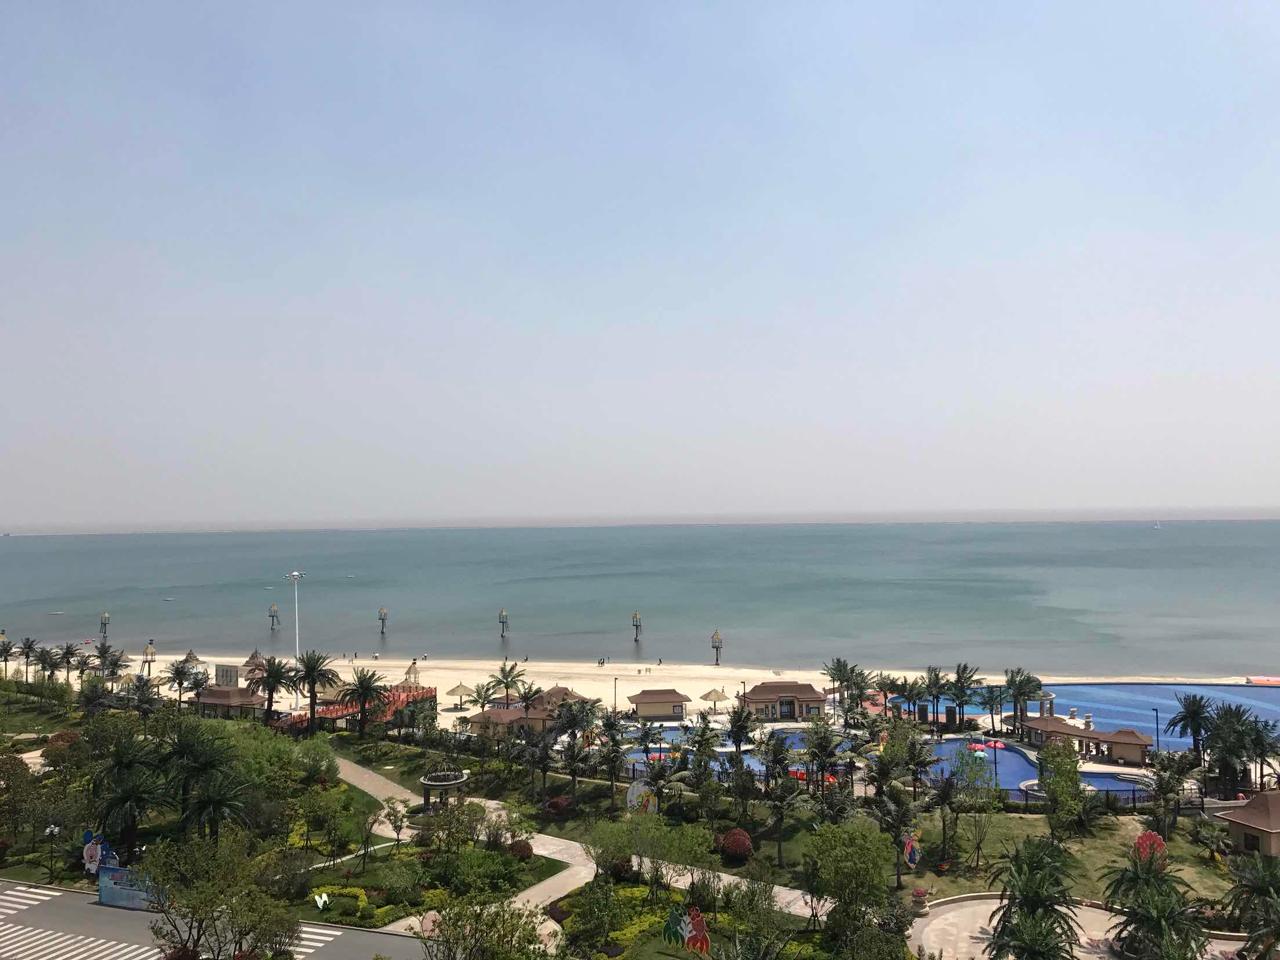 , 碧海银沙 滨海沙滩,室内恒温泳池,健身房 海上风筝游园记 家庭图片